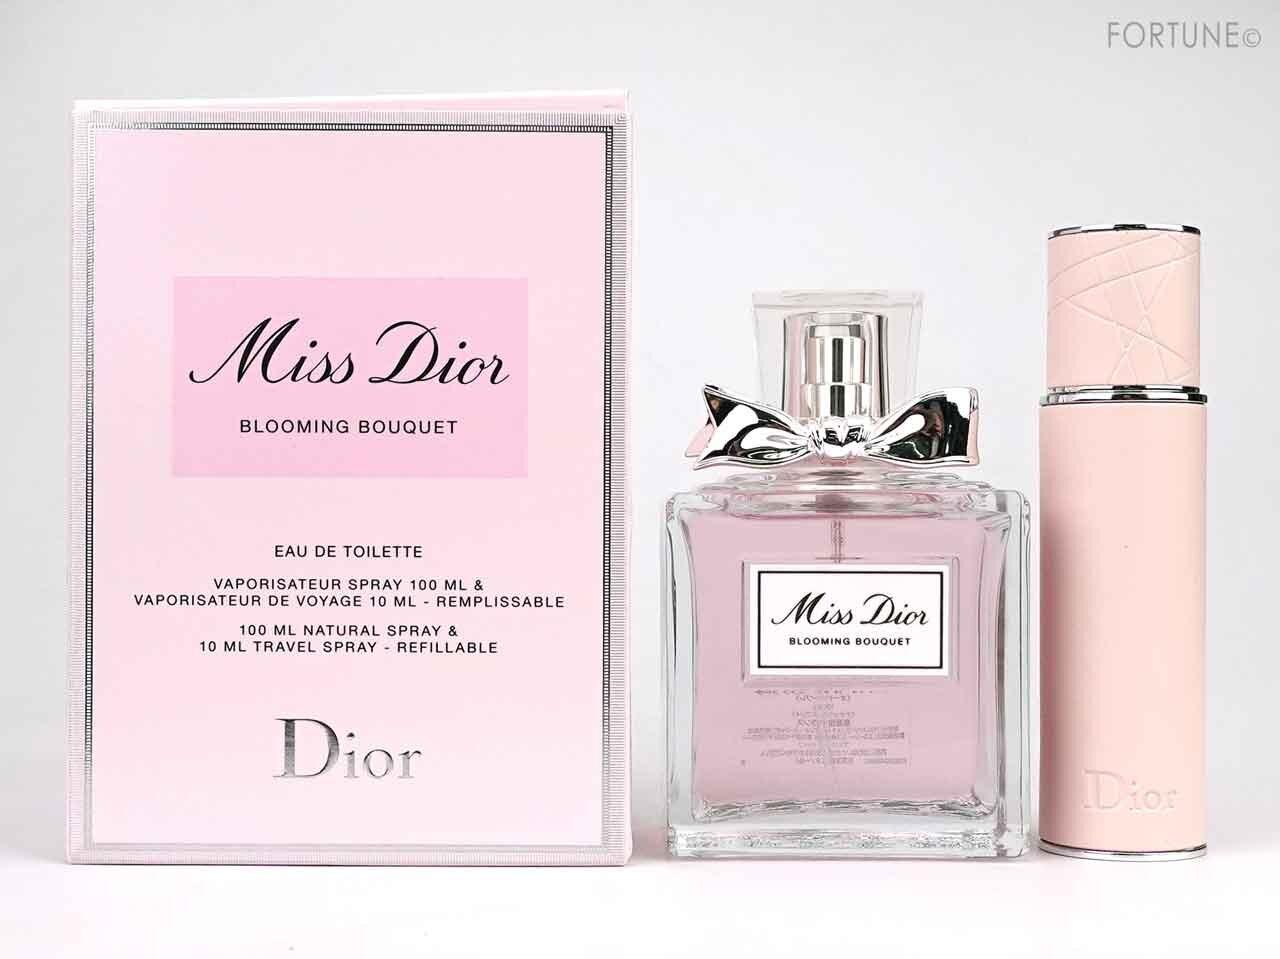 Dior/ミス ディオール ブルーミング ブーケ(オードゥ トワレ)